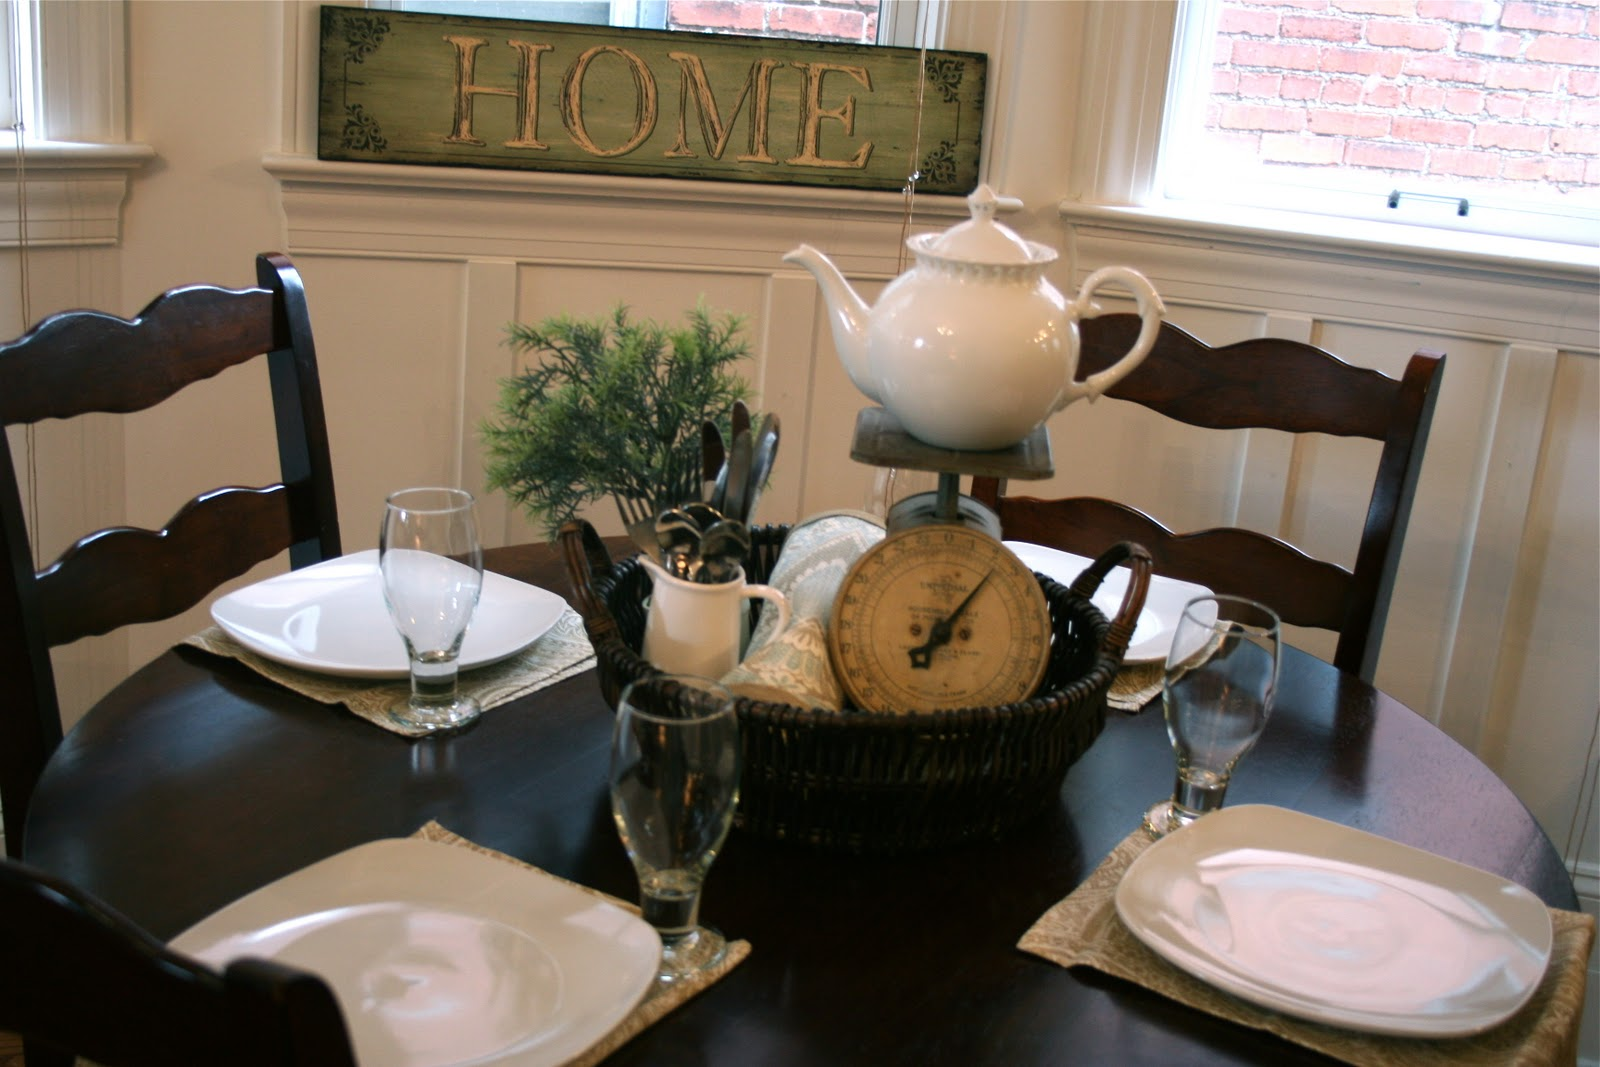 image breakfast nook september decorating. Image Breakfast Nook September Decorating .